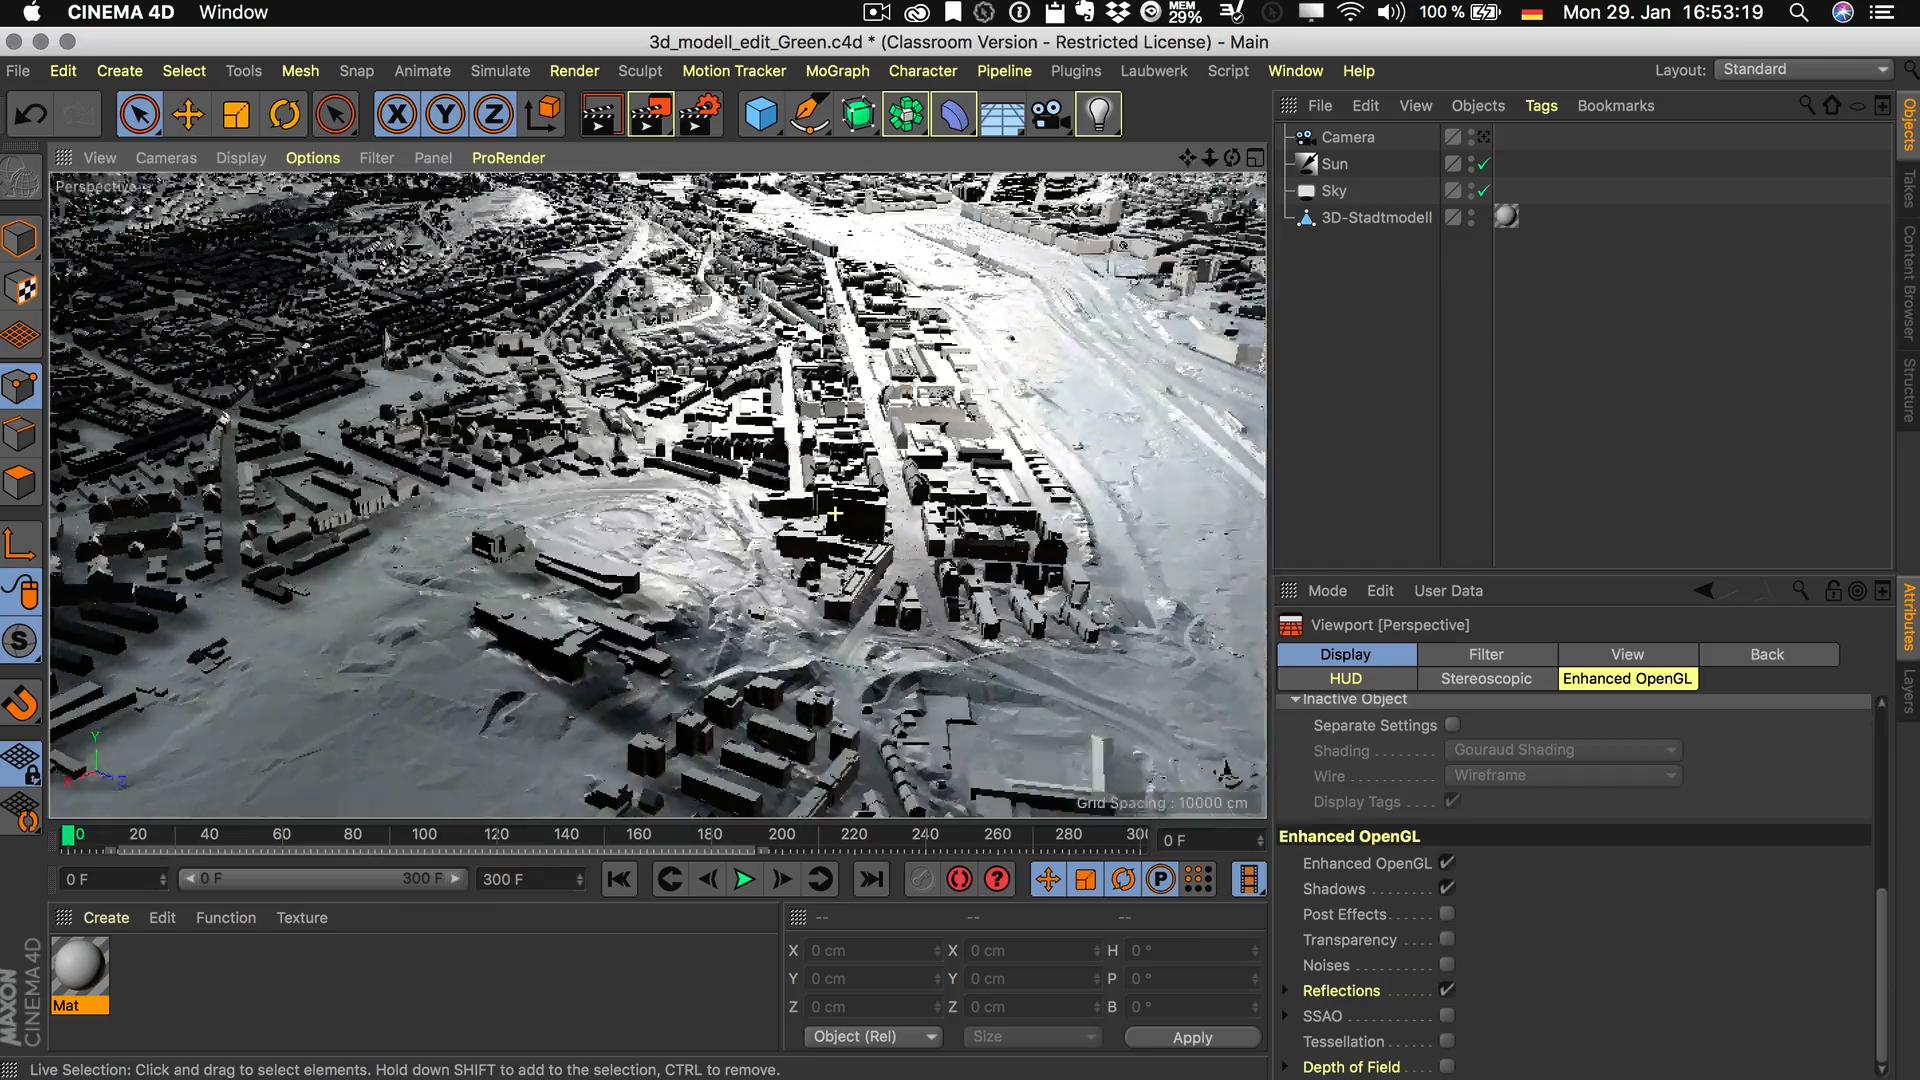 Cinema4D 3D-Stadtmodell Visualisierung Spezialisierung großes Modell leichtes Handling keine Intelligenz